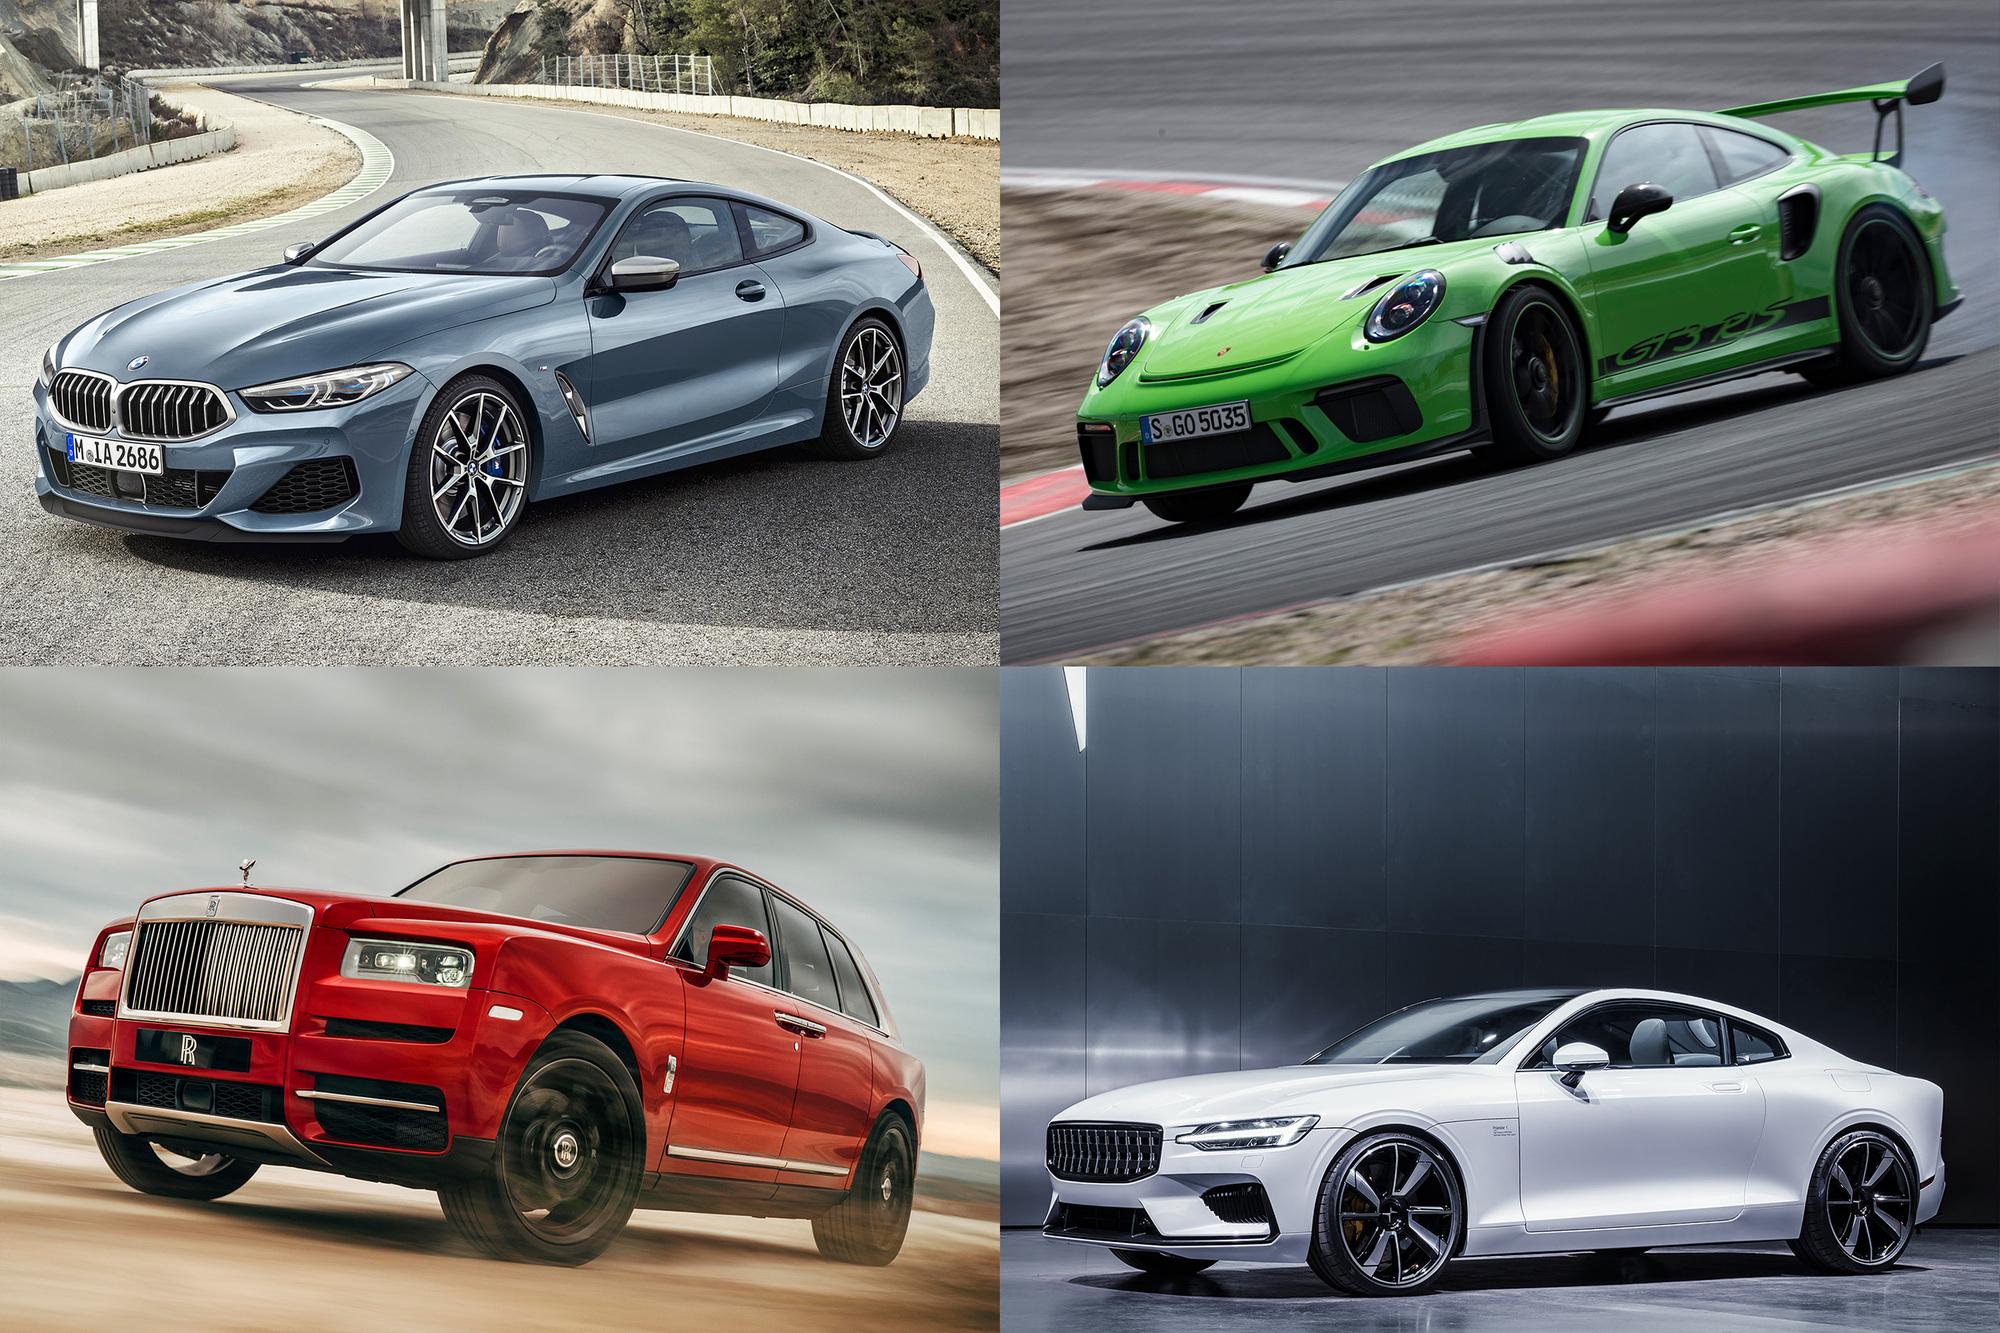 أفضل سيارات 2018 في الكويت